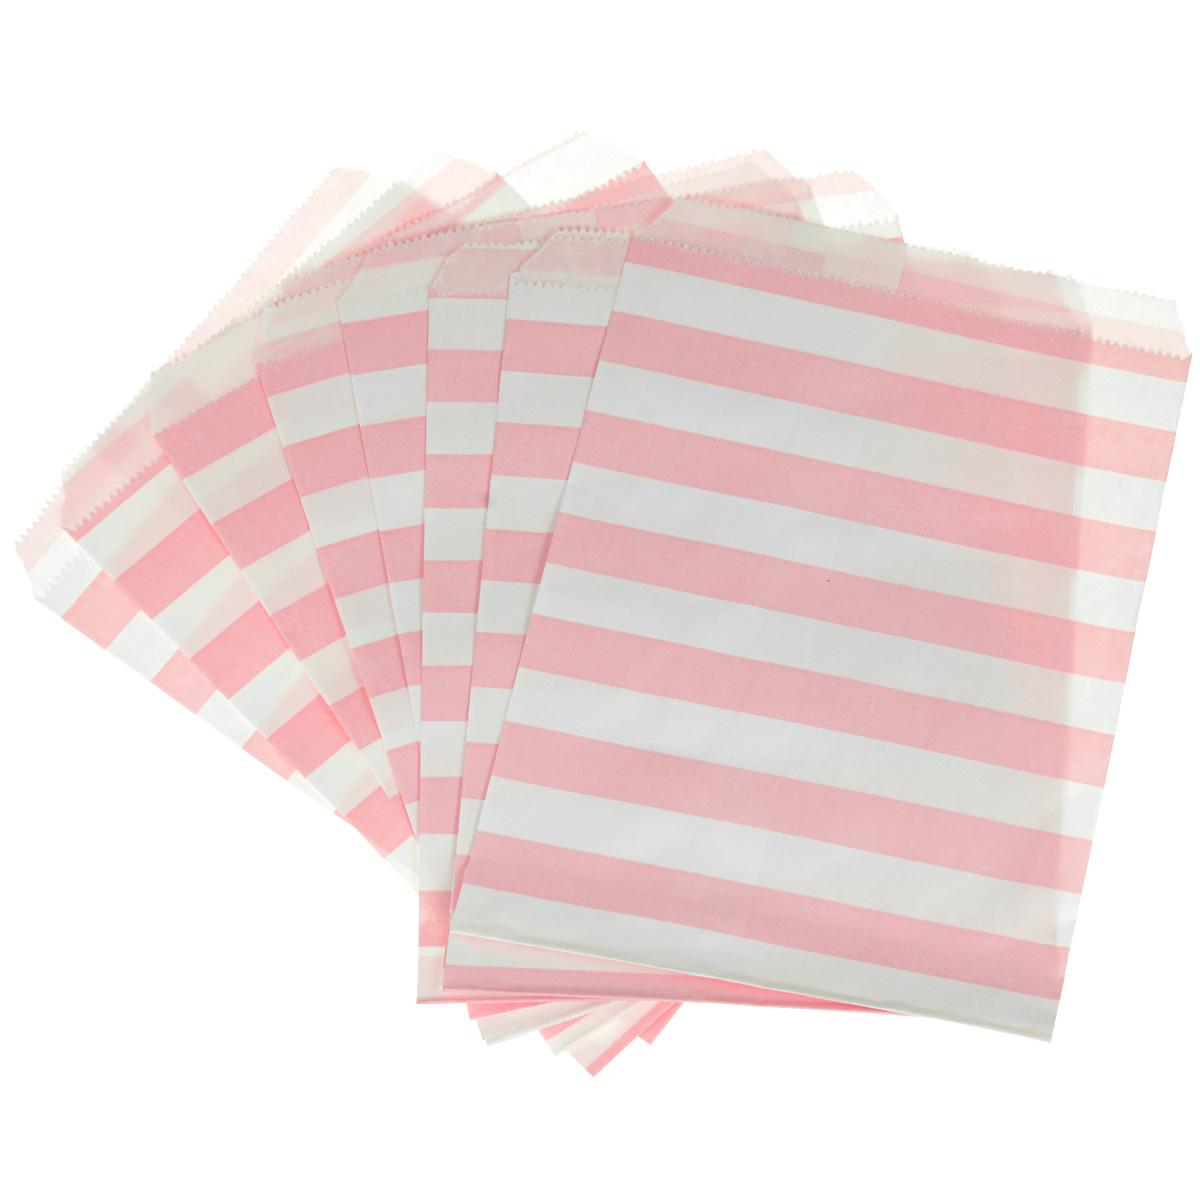 Пакеты бумажные Dolce Arti Stripes, для выпечки, цвет: розовый, 10 шт115010Бумажные пакеты Dolce Arti Stripes очень многофункциональны. Их можно использовать насколько хватит вашей фантазии: для выпекания, для упаковки маленьких подарков, сладостей и многого другого. Размер пакета: 13 см х 18 см.